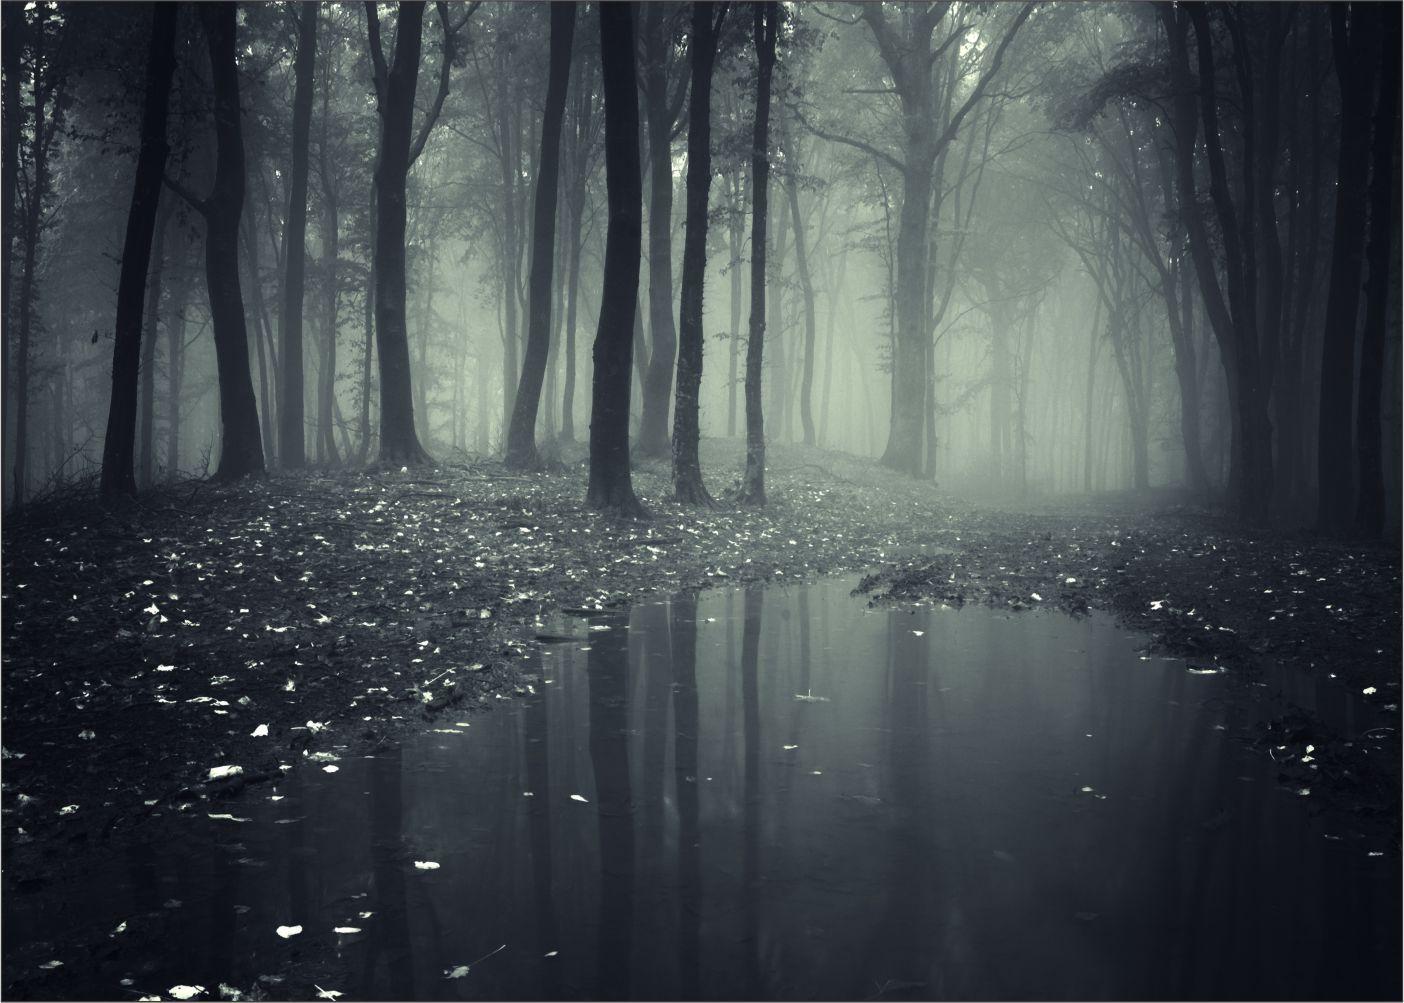 Papel de Parede Paisagens Floresta 0013  - Paredes Decoradas